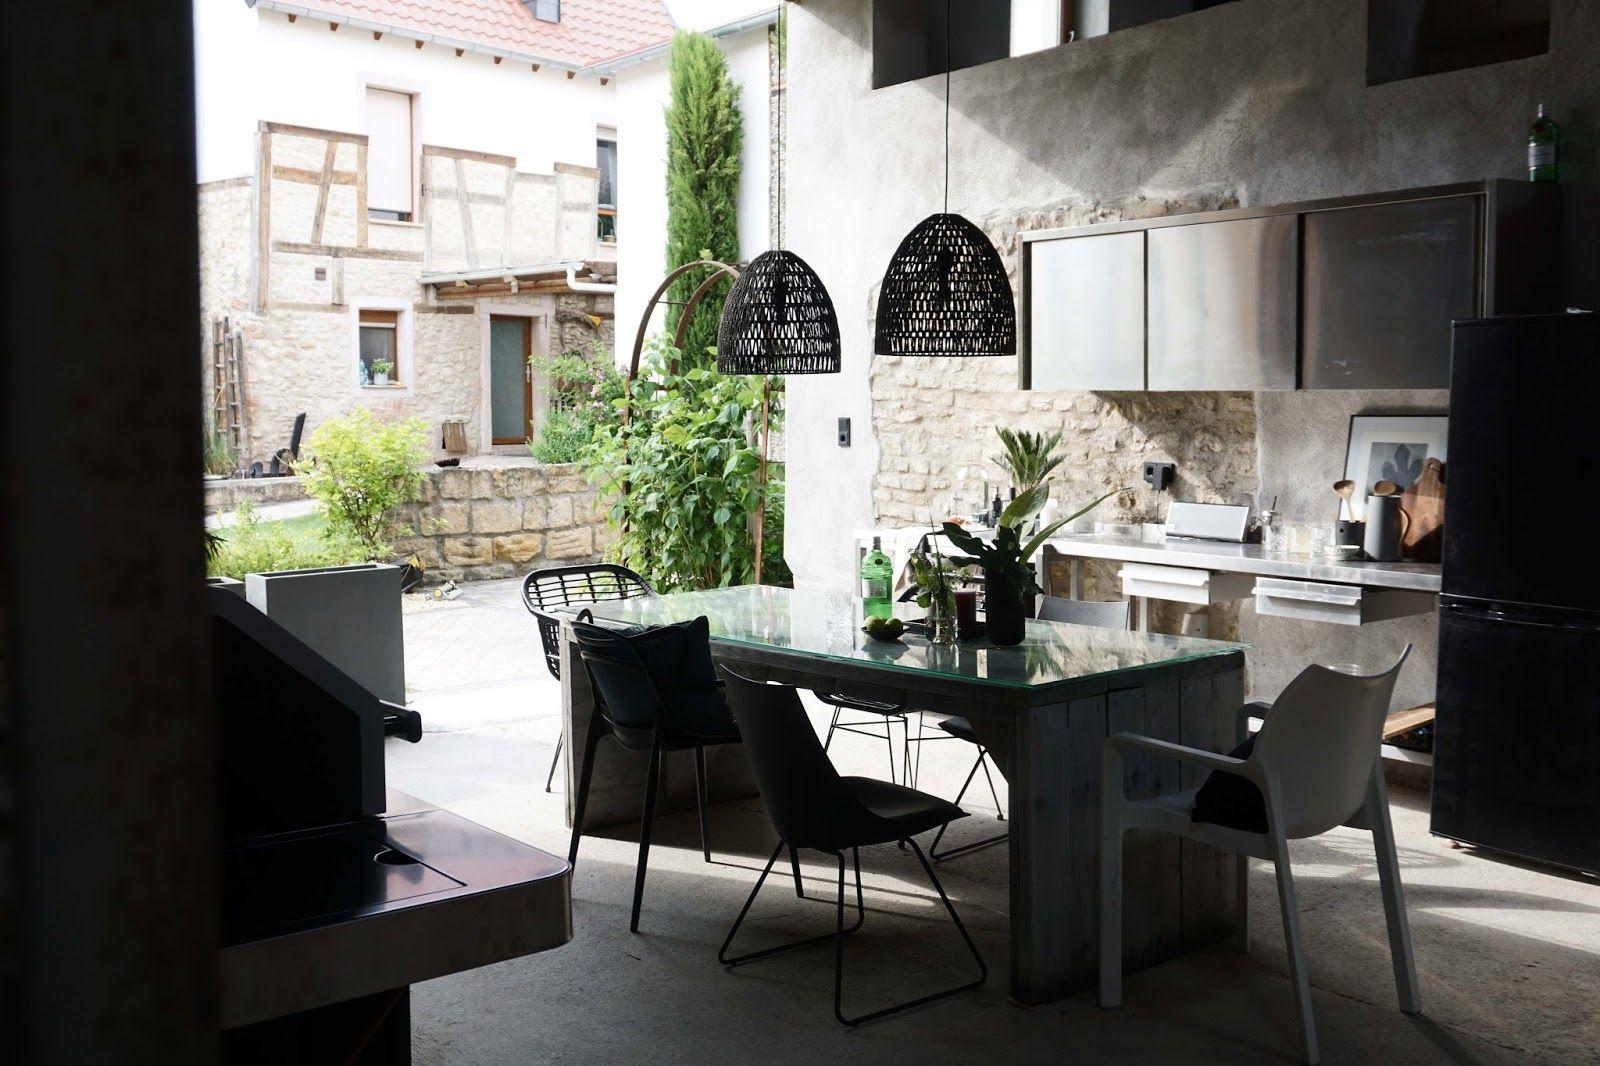 Ziemlich Außenküche Schranktüren Bilder - Ideen Für Die Küche ...